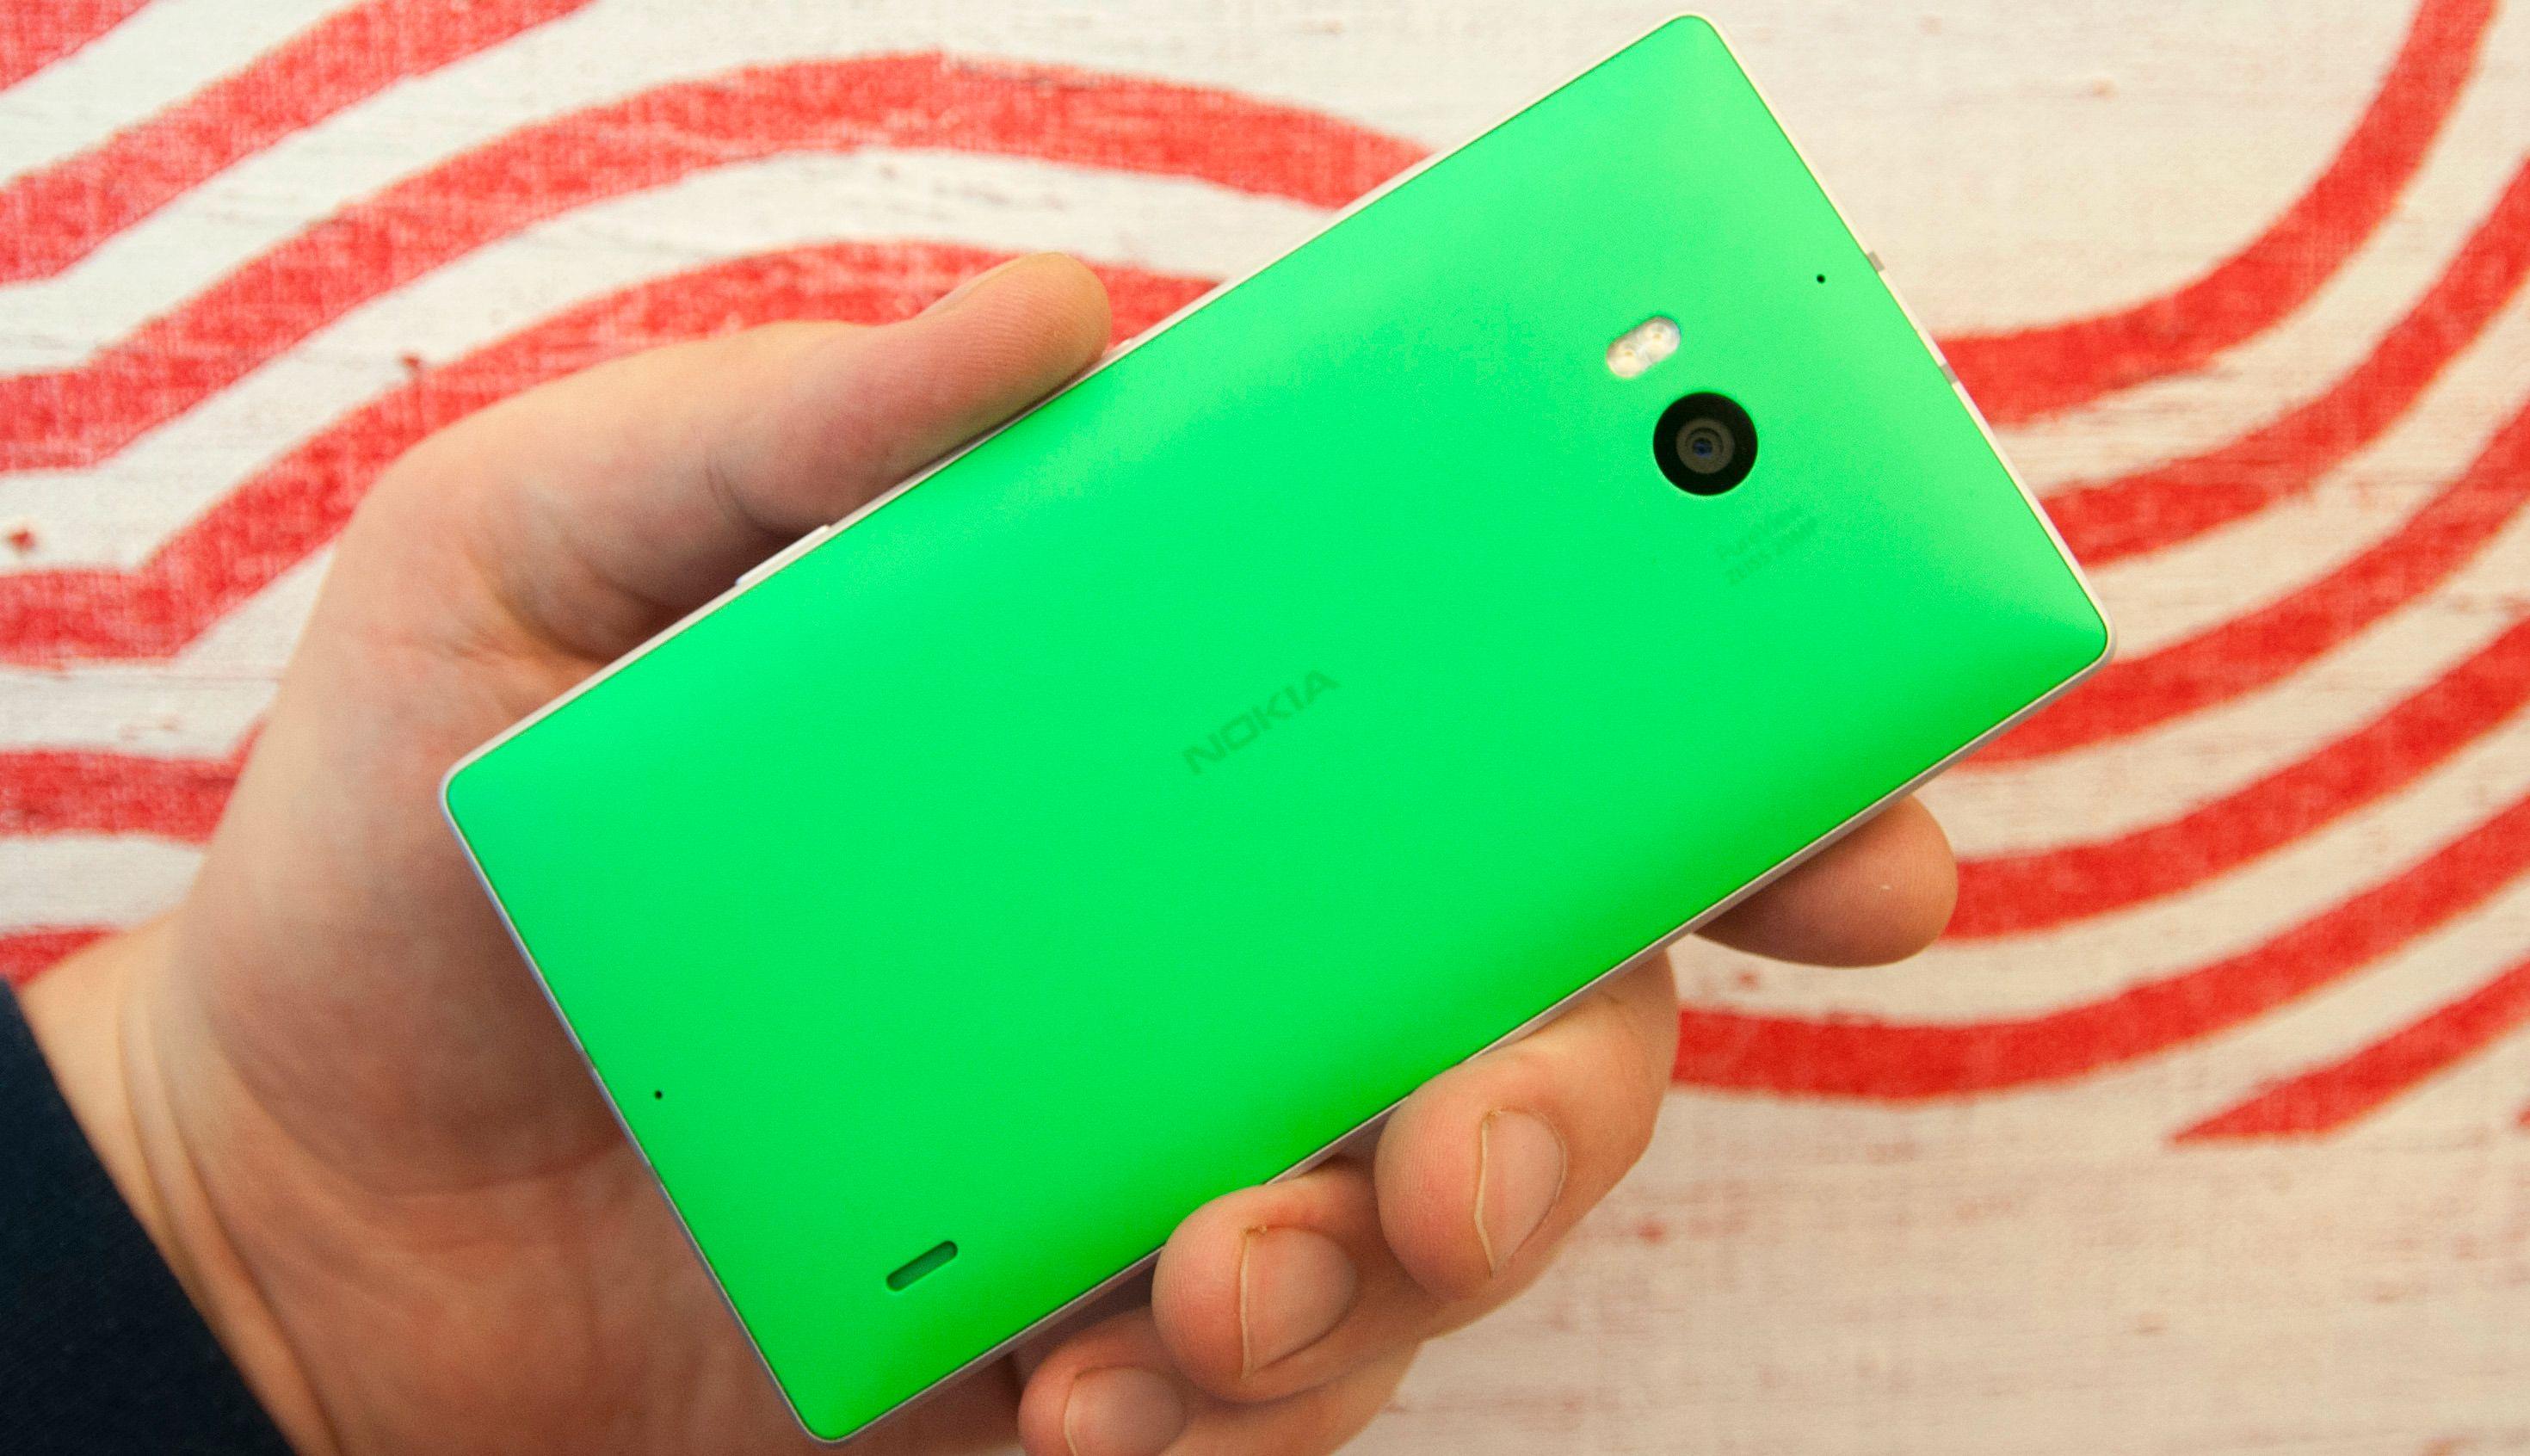 Kjøper du en grønn eller oransje Lumia 930 er du synlig på lang avstand.Foto: Finn Jarle Kvalheim, Amobil.no